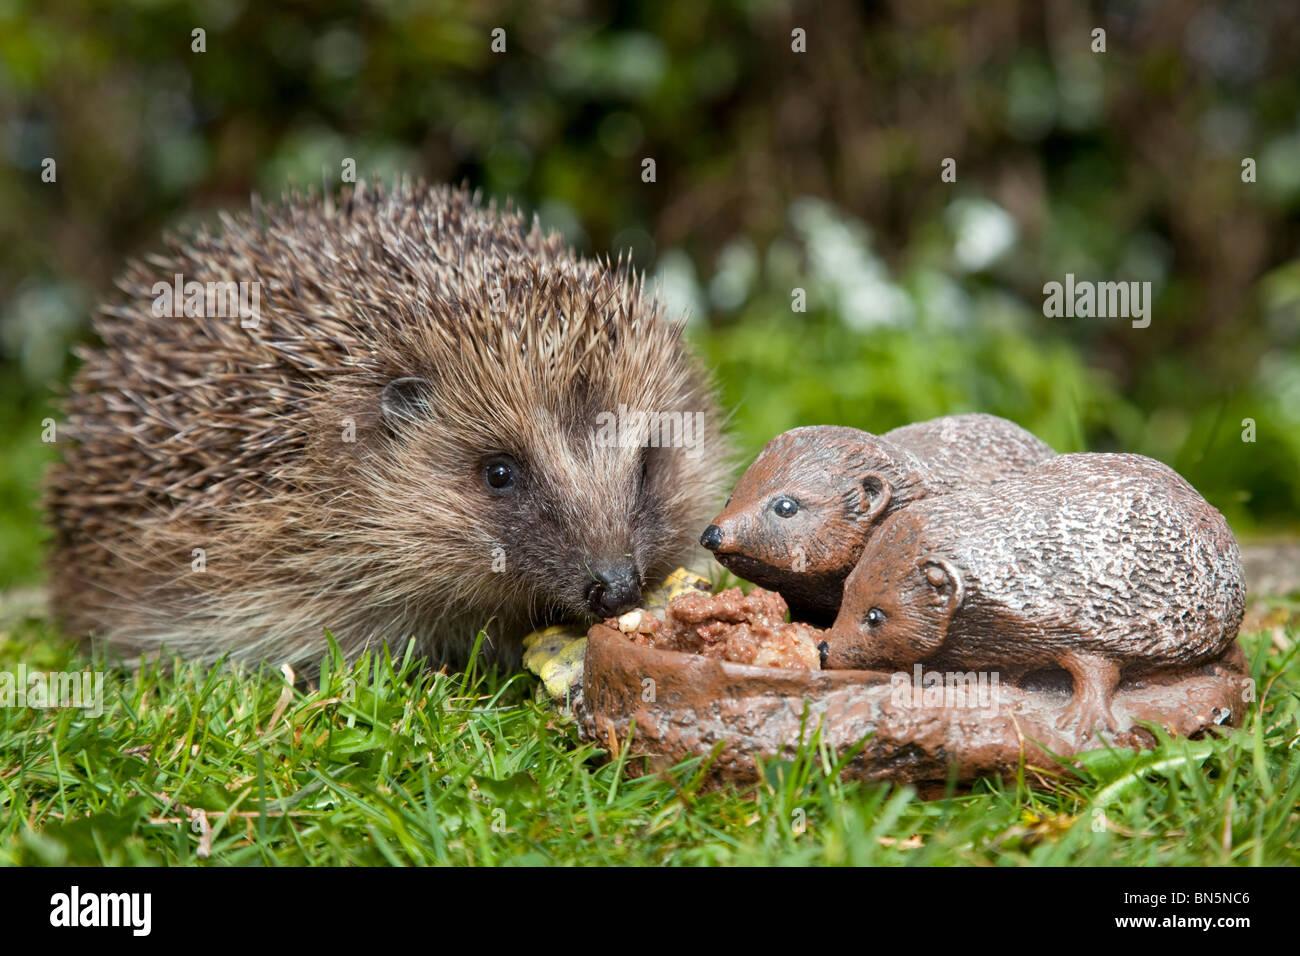 Hedgehog; Erinaceus europaeus; with garden ornament of a hedgehog - Stock Image